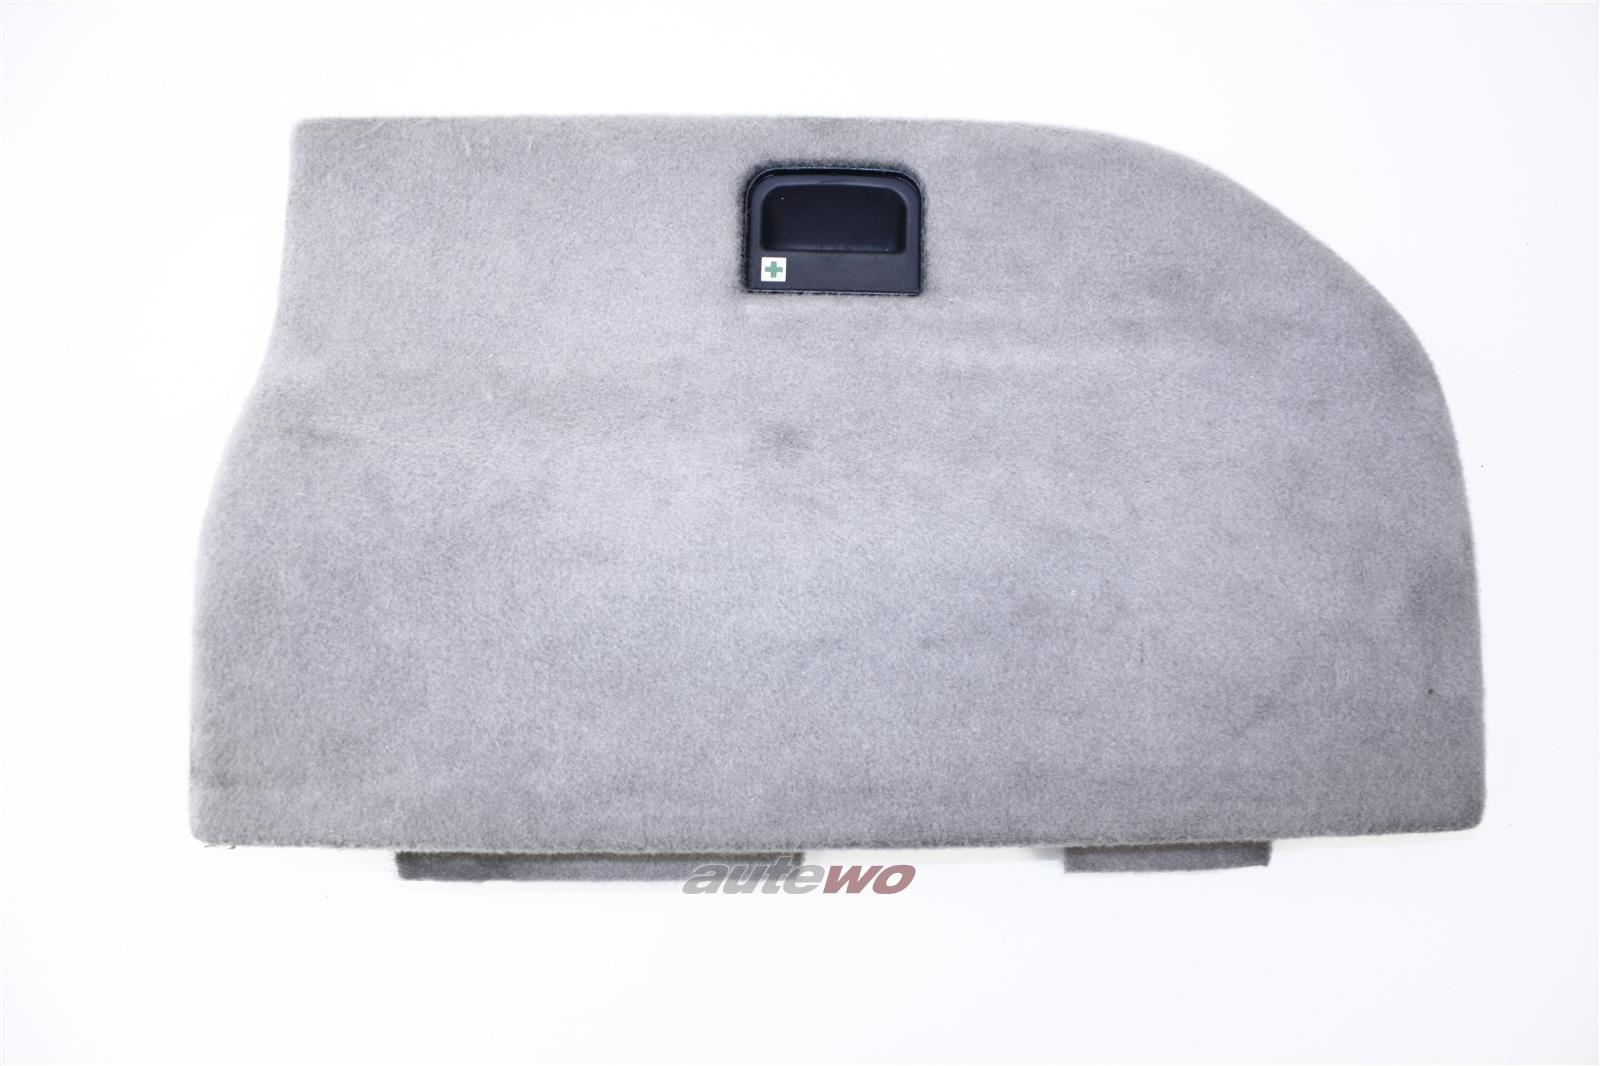 Audi 100/S4/A6/S6 C4 Avant Deckel Kofferraumverkleidung Rechts platin 4A9863716